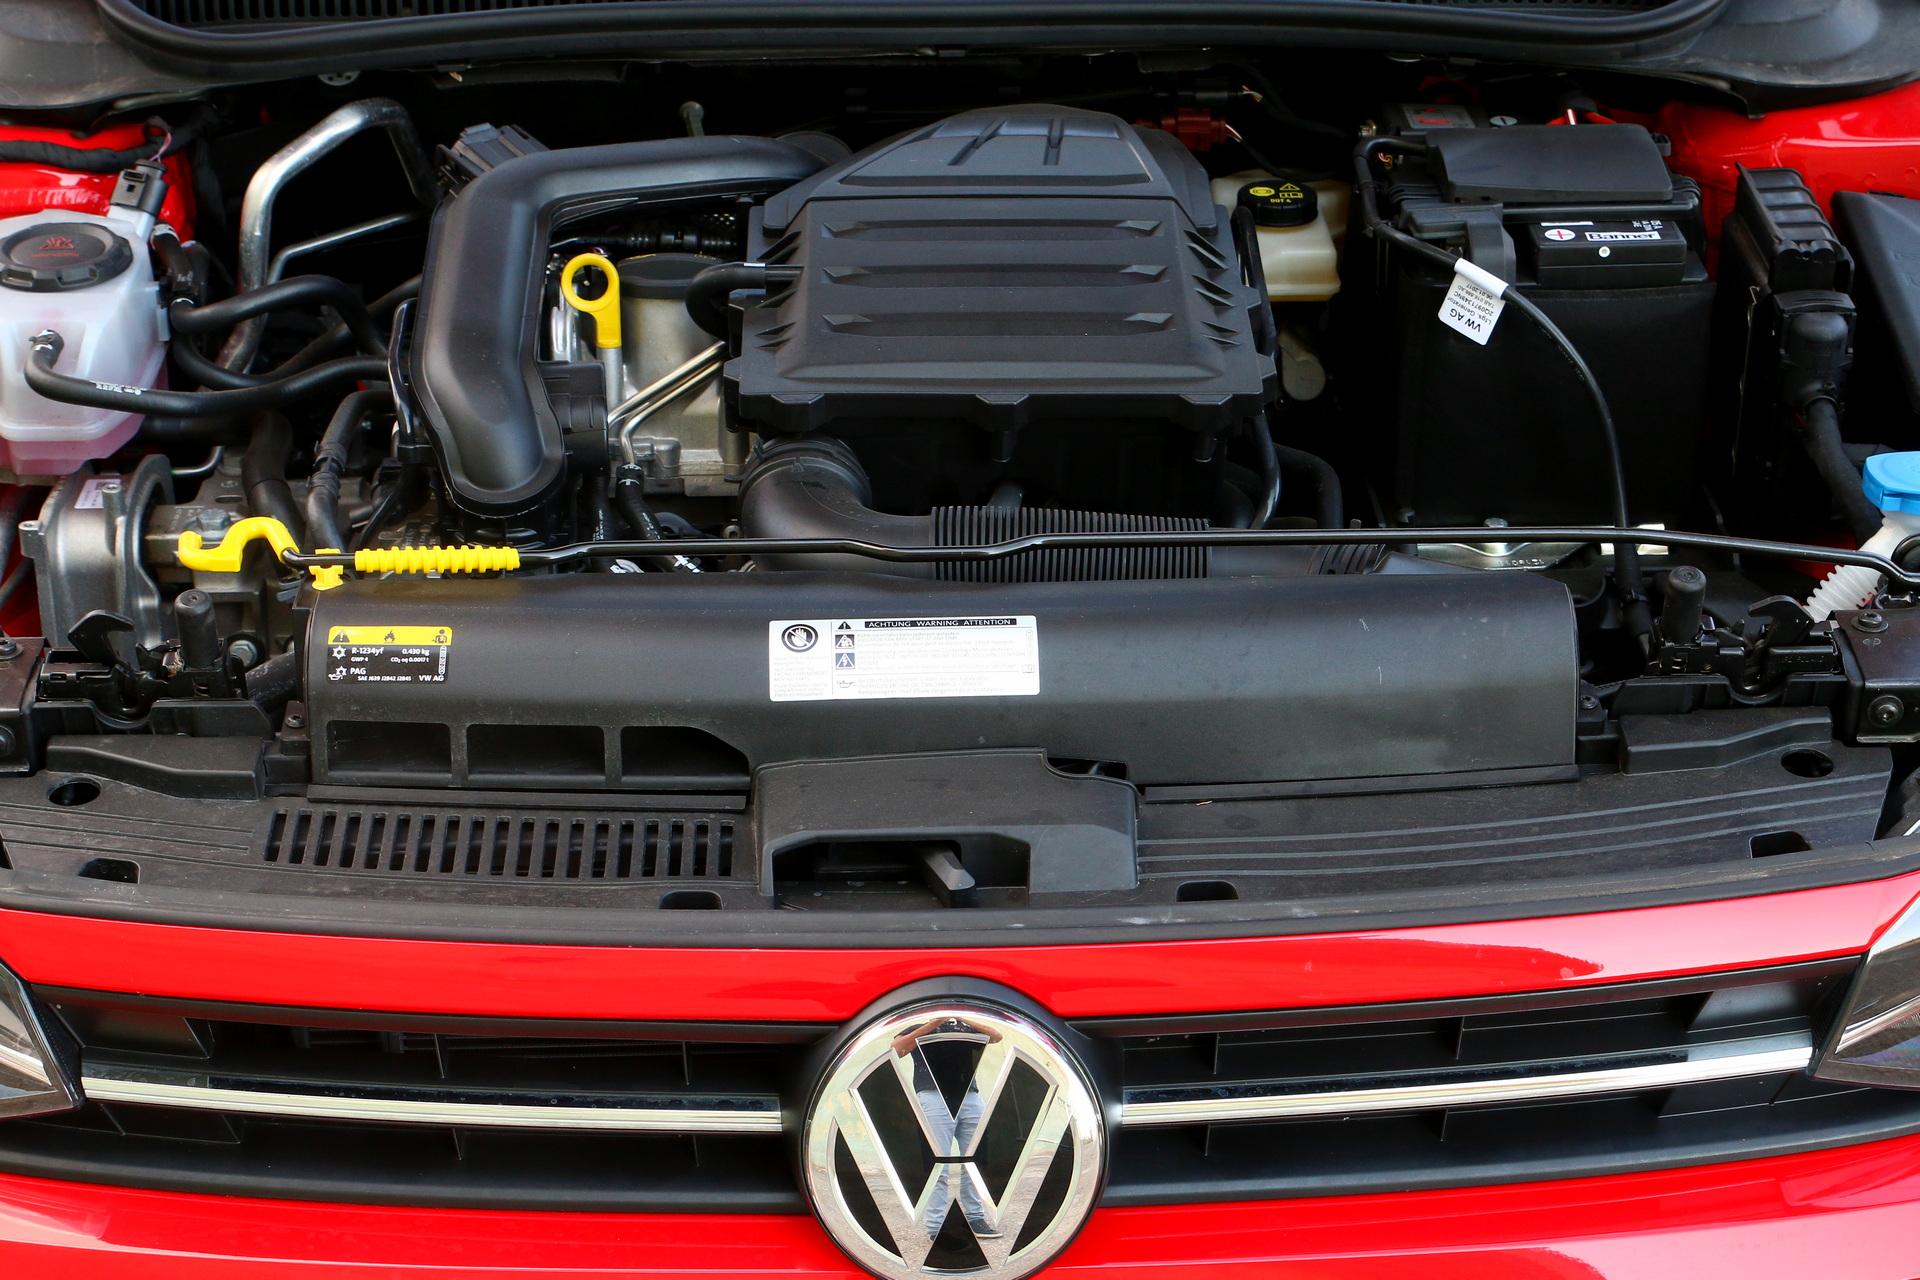 VW Polo 1.0 TSI 95 PS